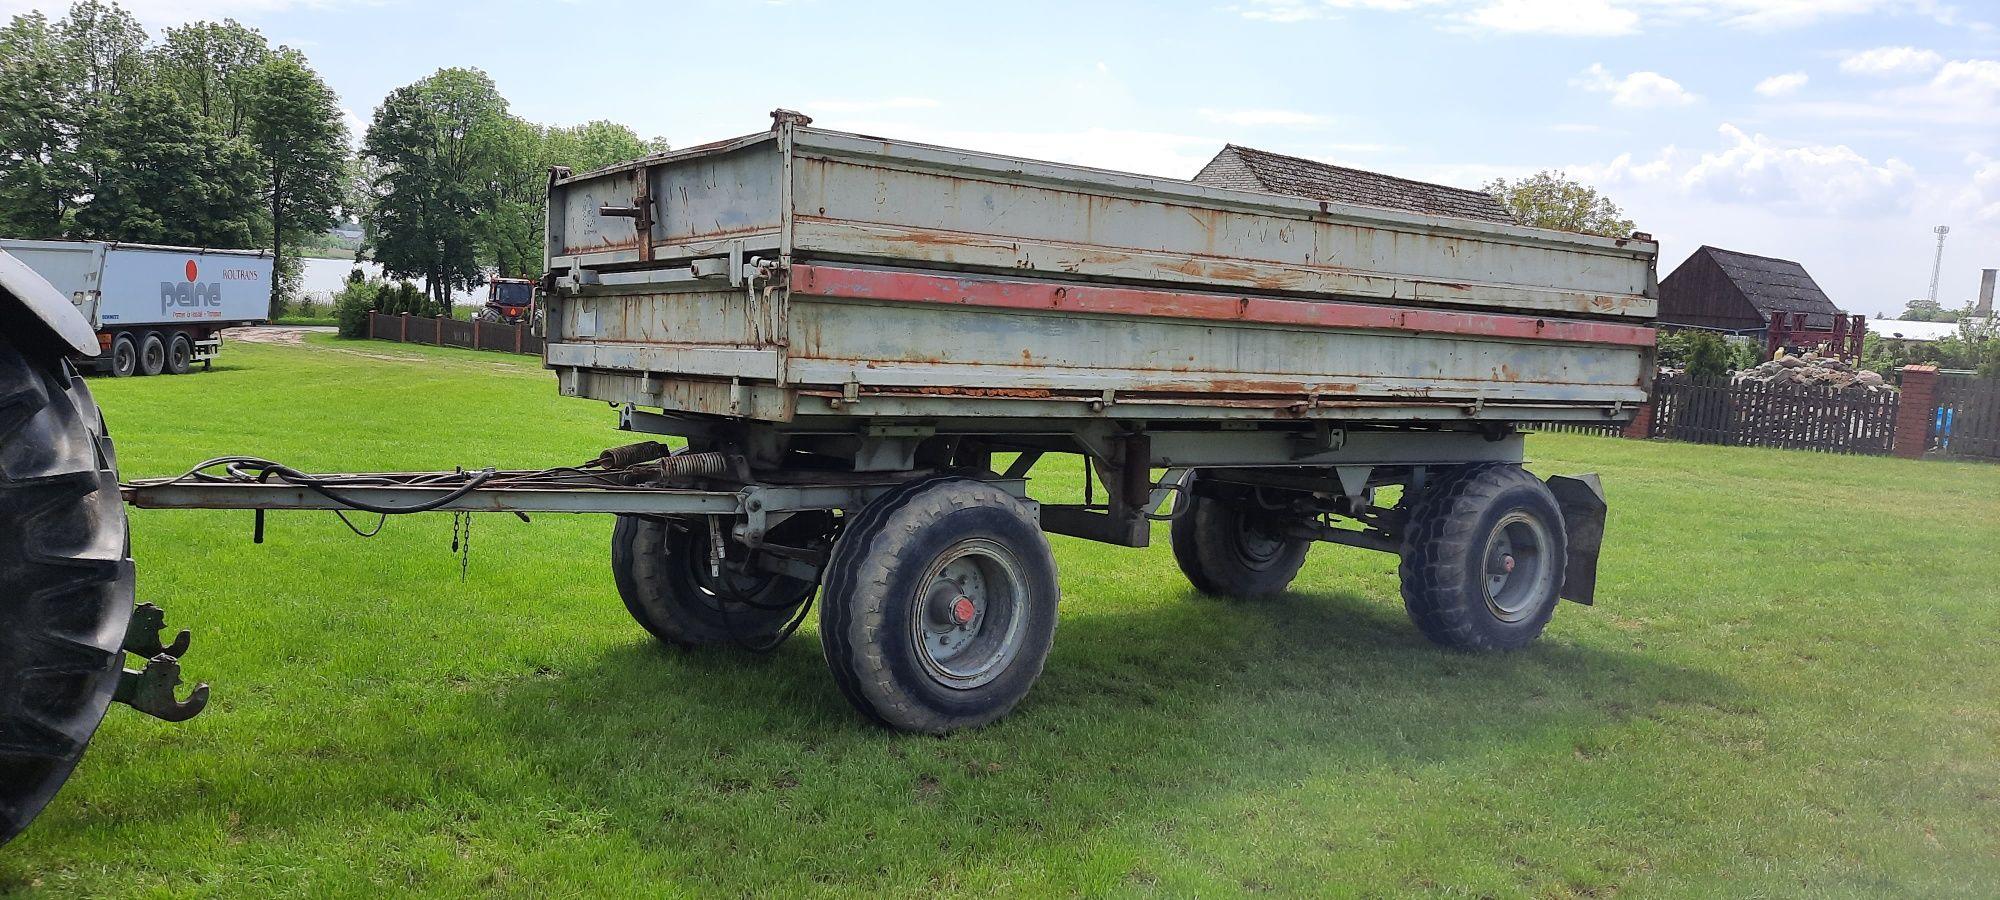 Przyczepa rolnicza wywrotka HW 80.11 HL Ifa